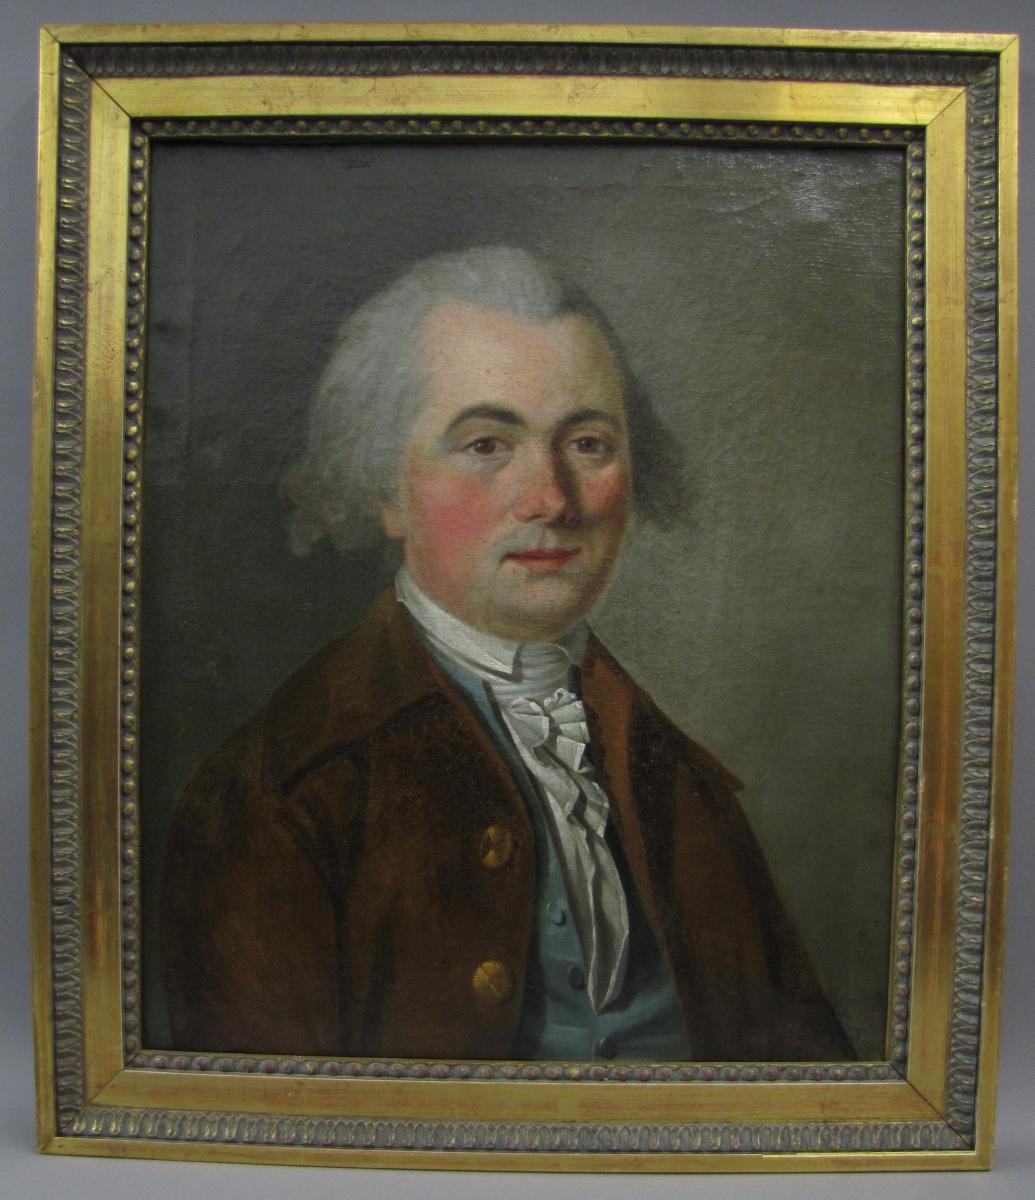 Portrait De Gentilhomme, Ecole Française Fin XVIIIe